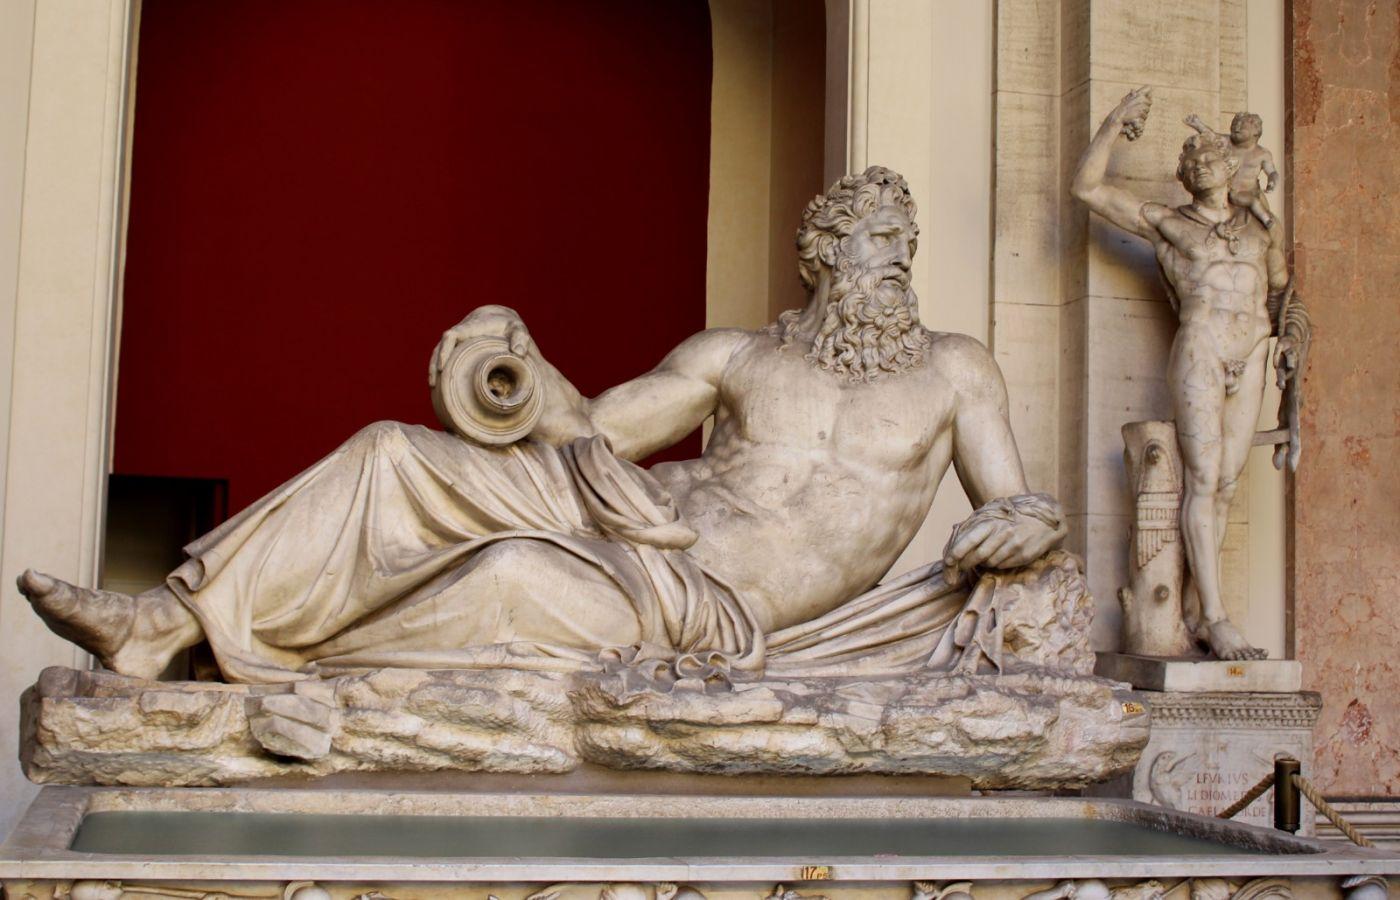 上帝之城:梵蒂冈印象_图1-11